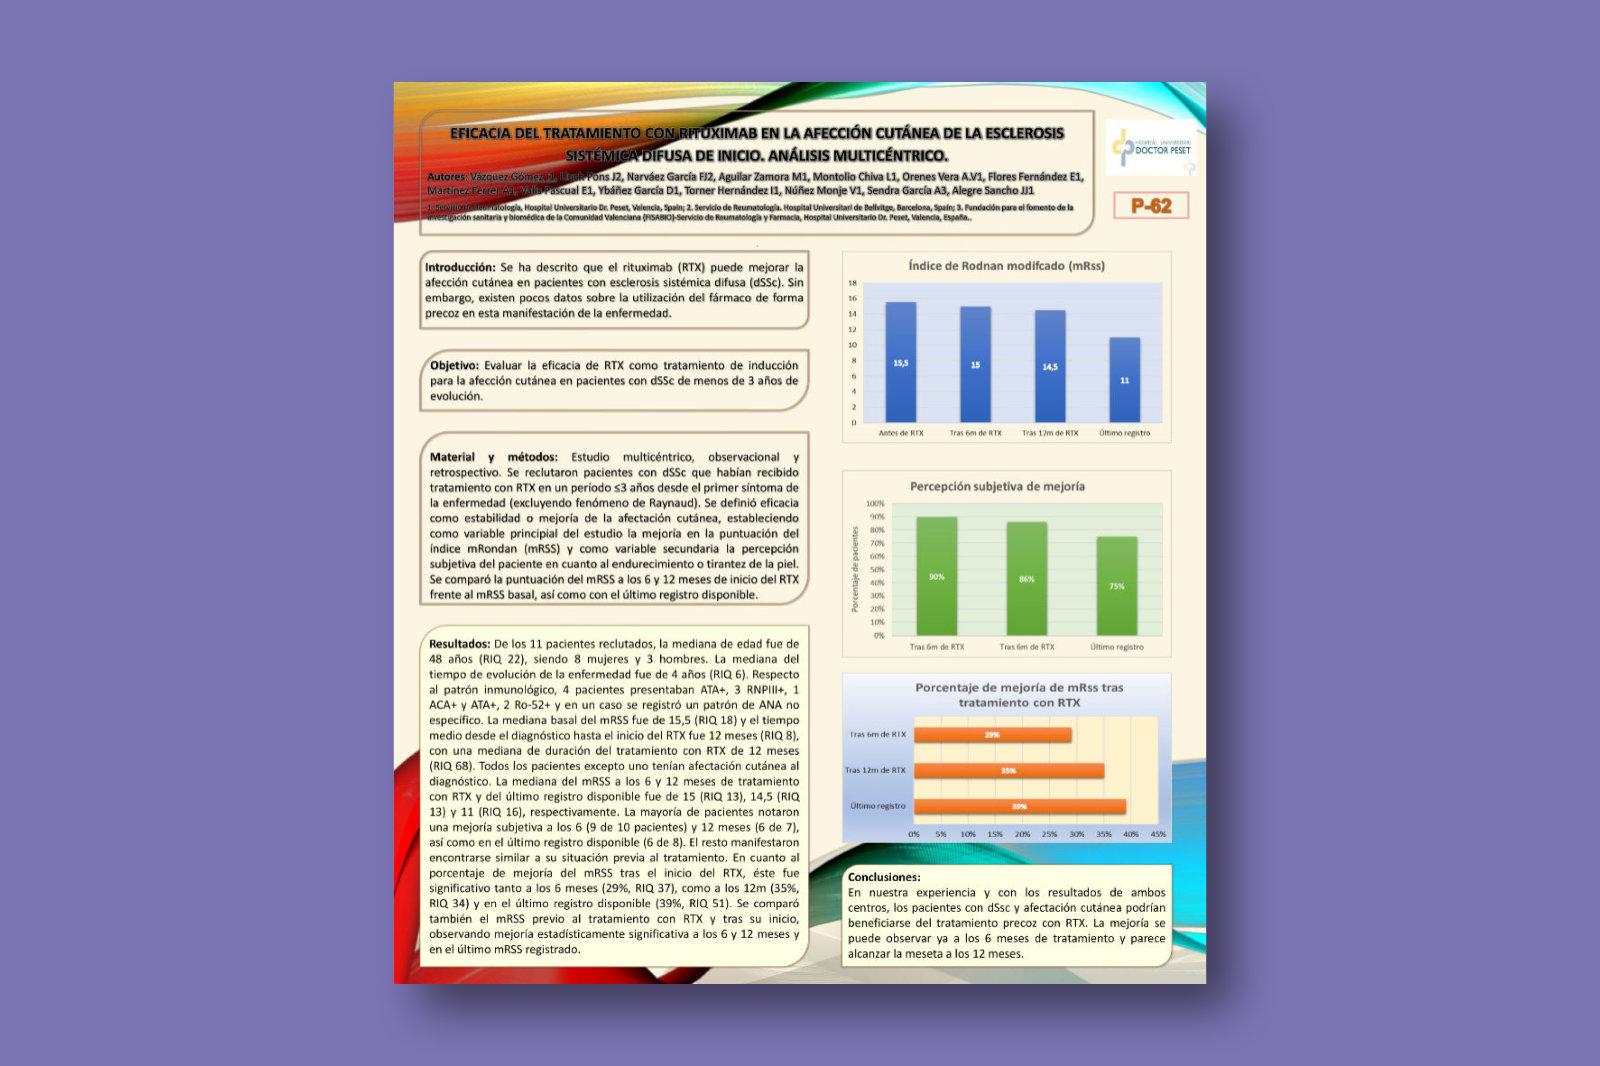 Eficacia del tratamiento con rituximab en la afección cutánea de la esclerosis sistémica difusa de inicio. Análisis multicéntrico